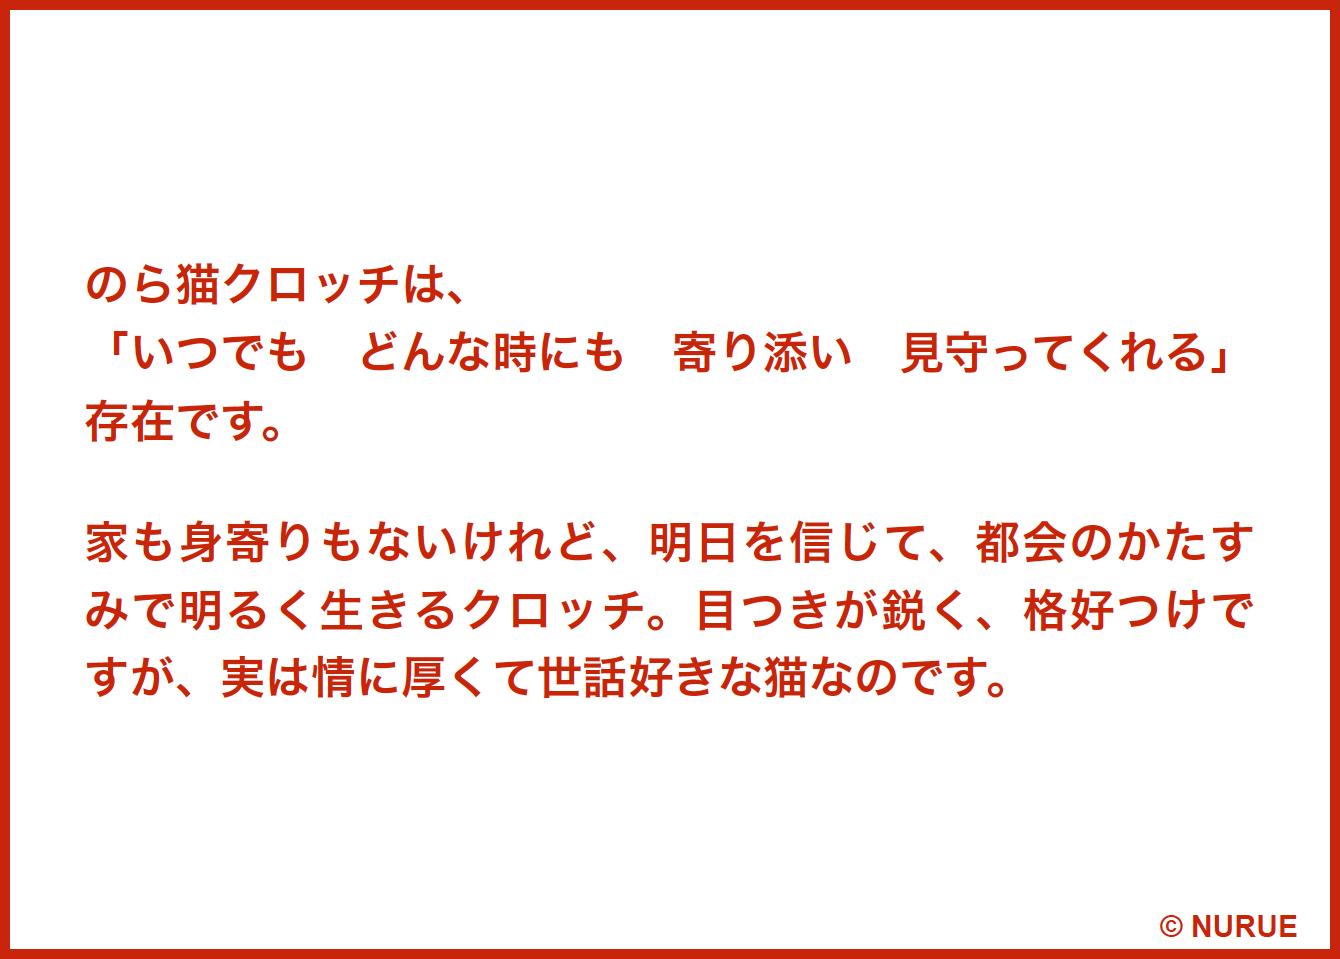 日本語劇「のら猫クロッチ」で国際交流!_f0193056_16023454.jpg